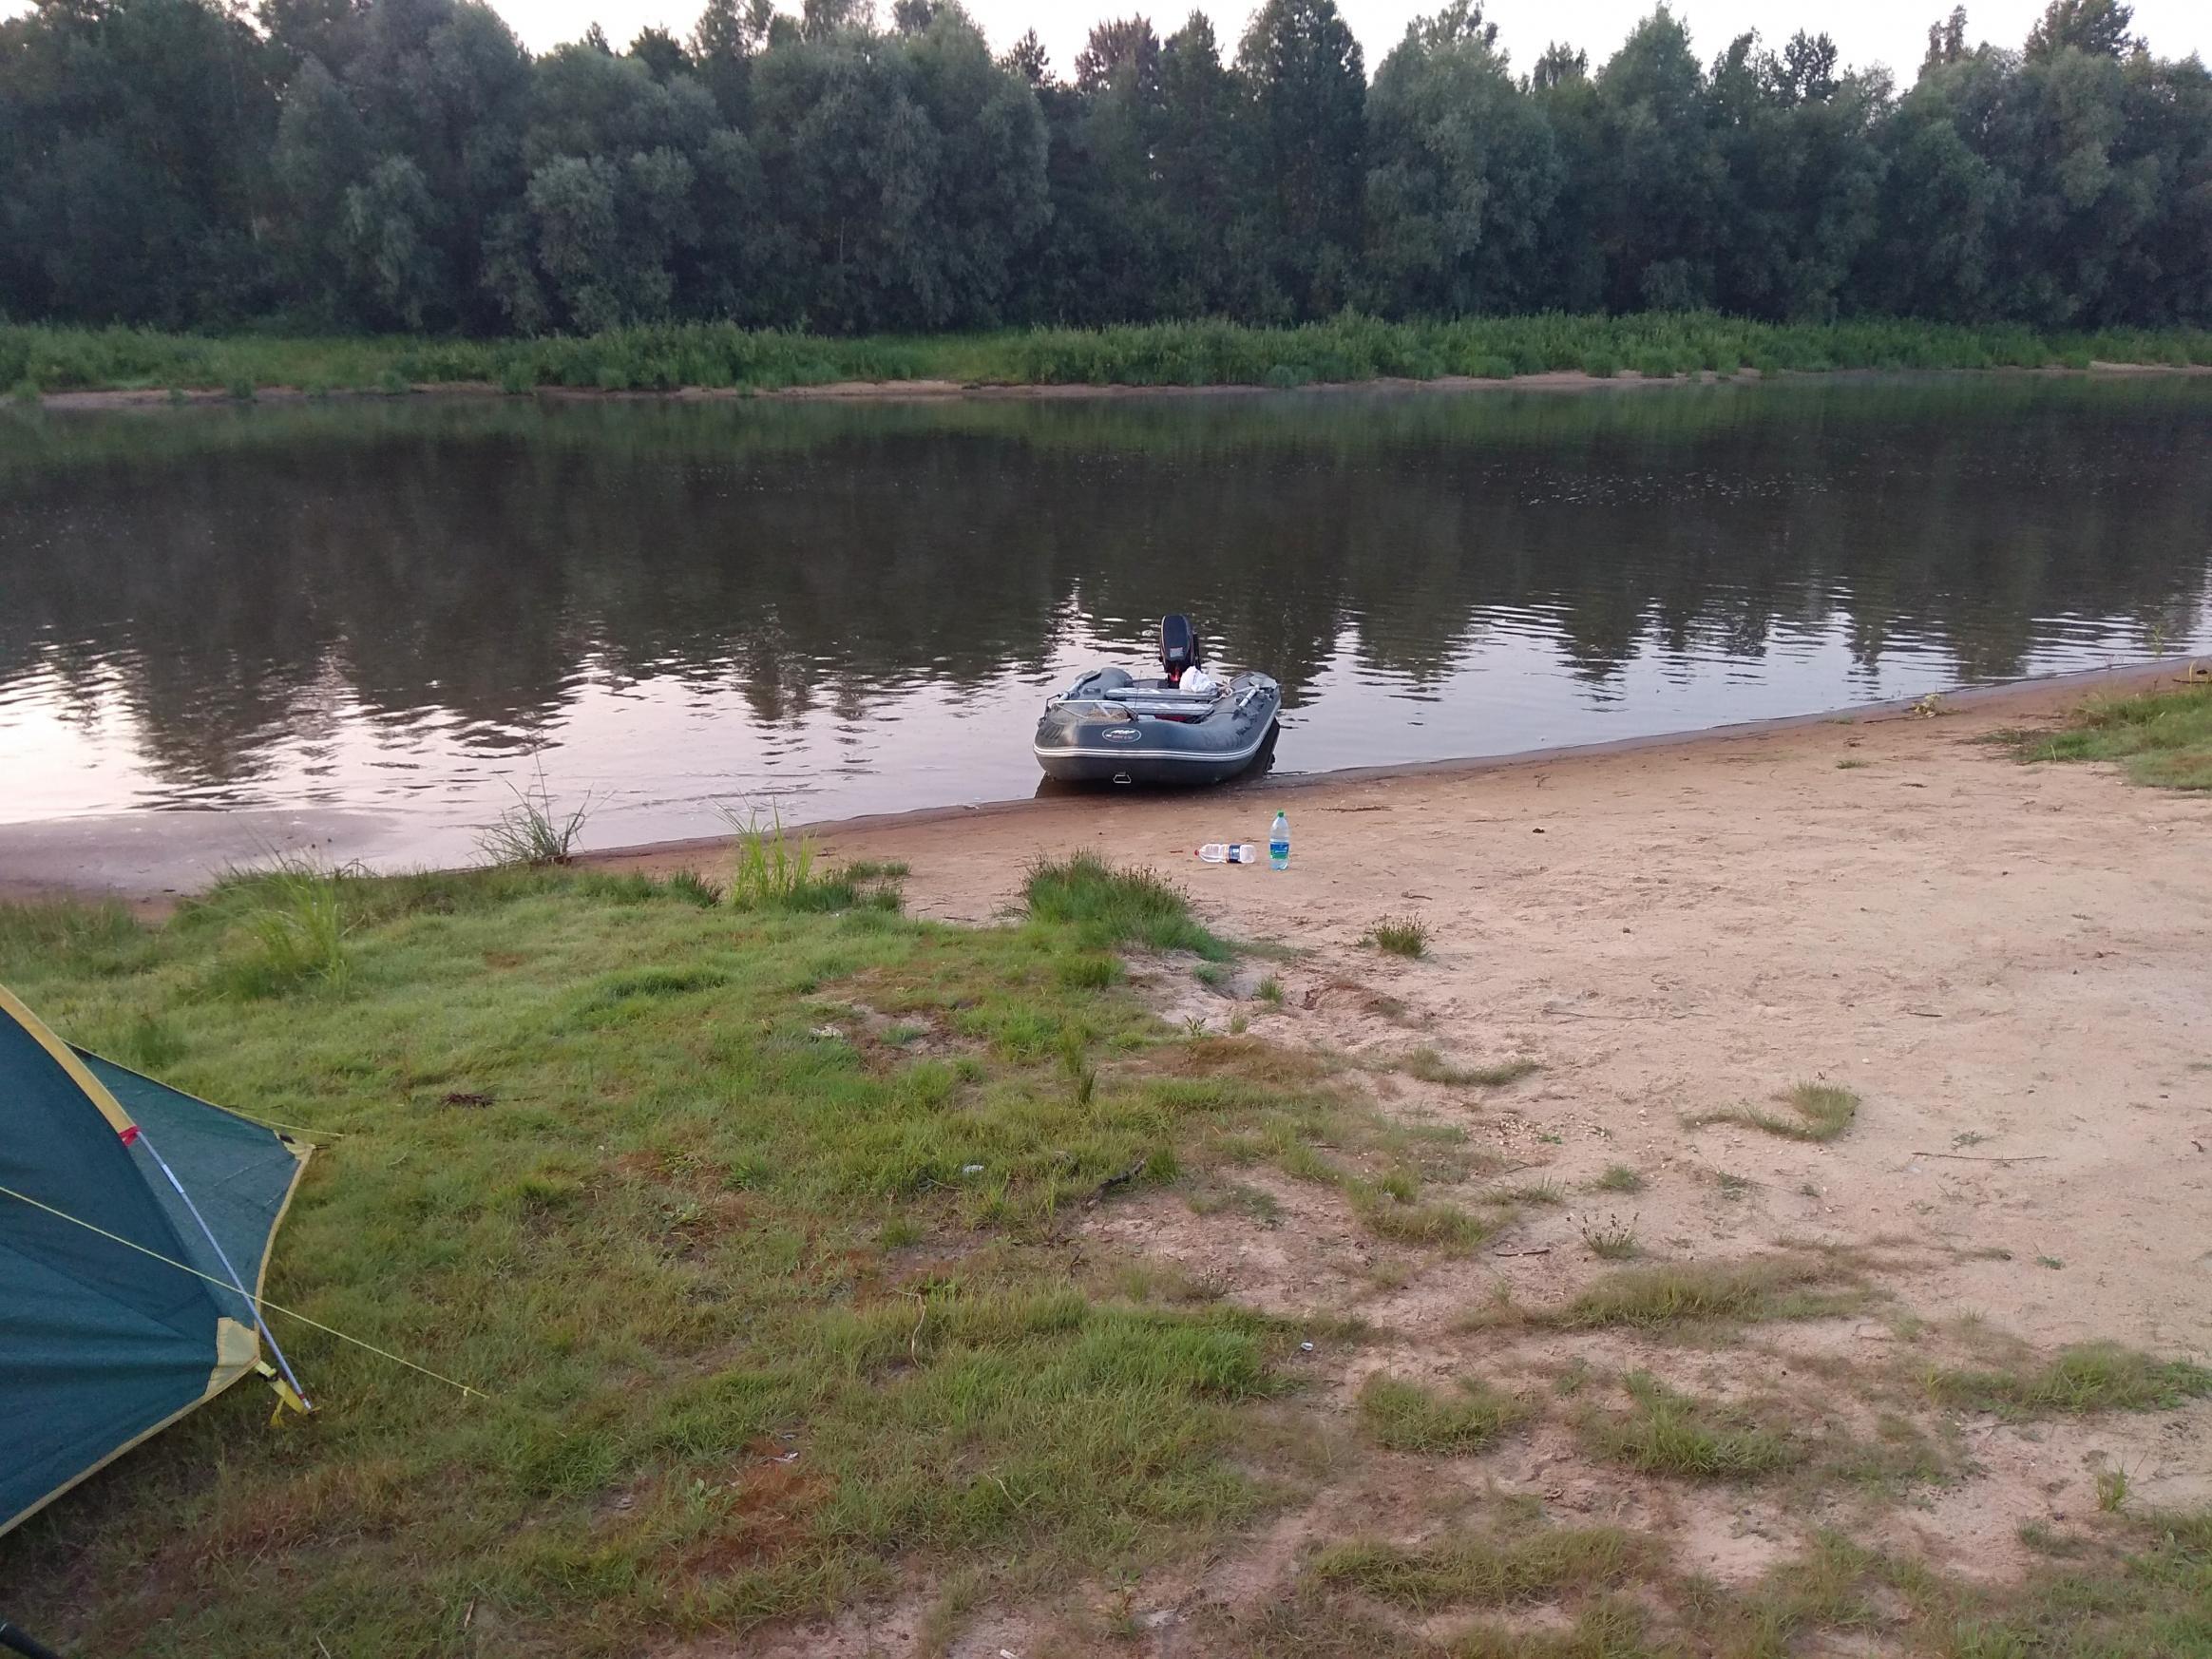 Тоже провел время на реке, с субботы ...   Отчеты о рыбалке в Беларуси